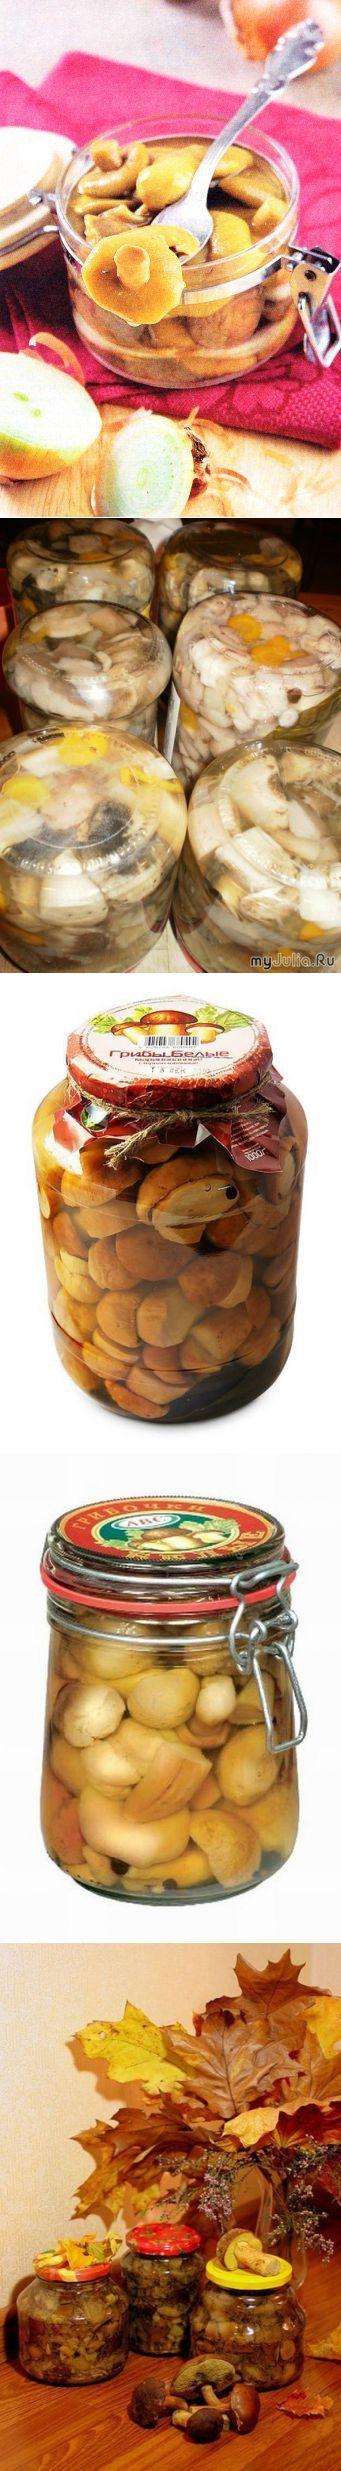 Коллекция Рецептов Маринованные грибы: ТОР - 5 лучших рецептов | заготовки на зиму | Постила